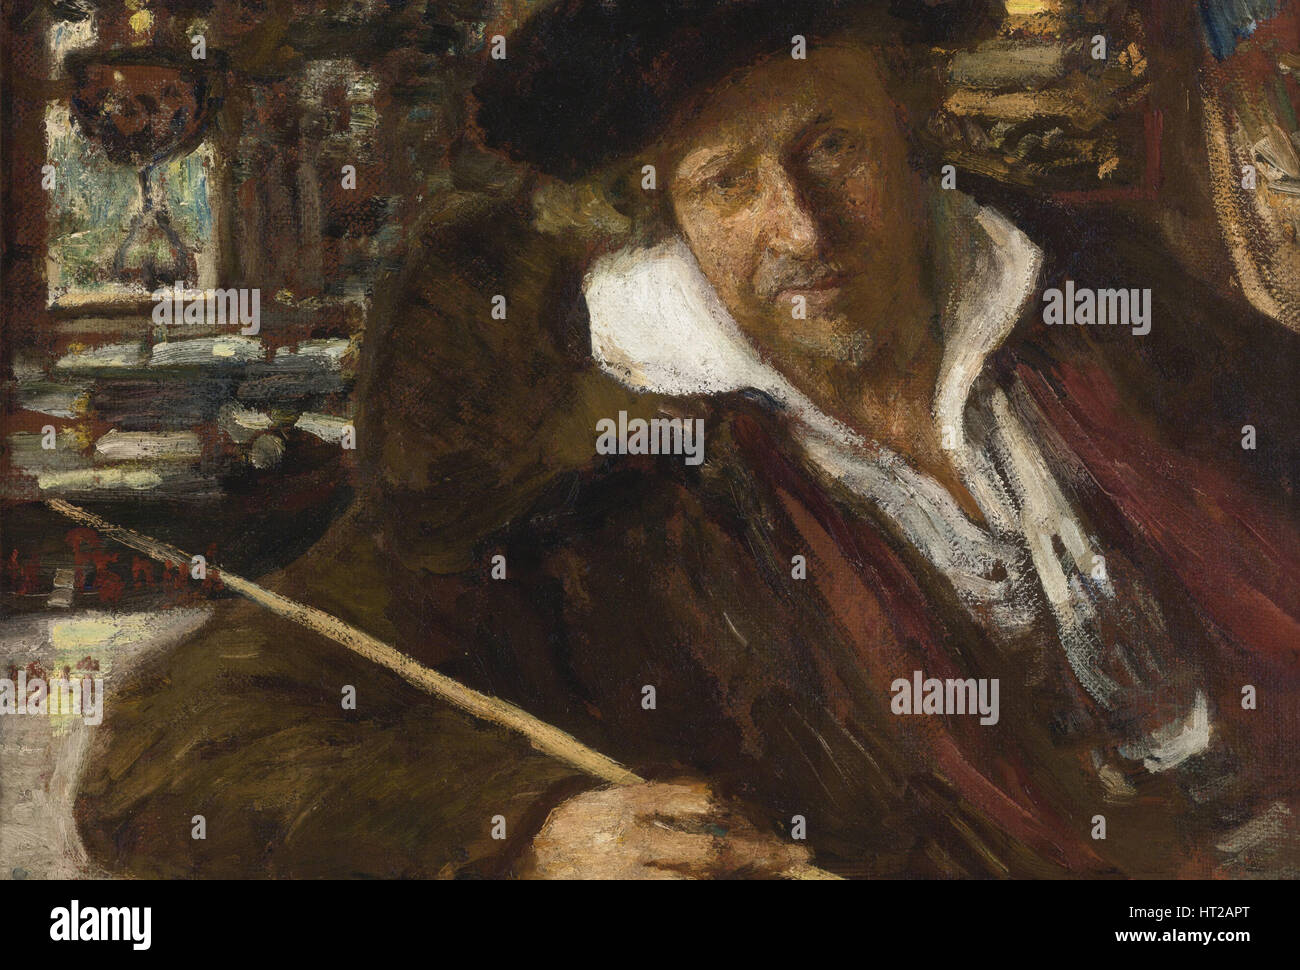 Autoritratto, 1917. Artista: Repin, Ilya Yefimovich (1844-1930) Immagini Stock